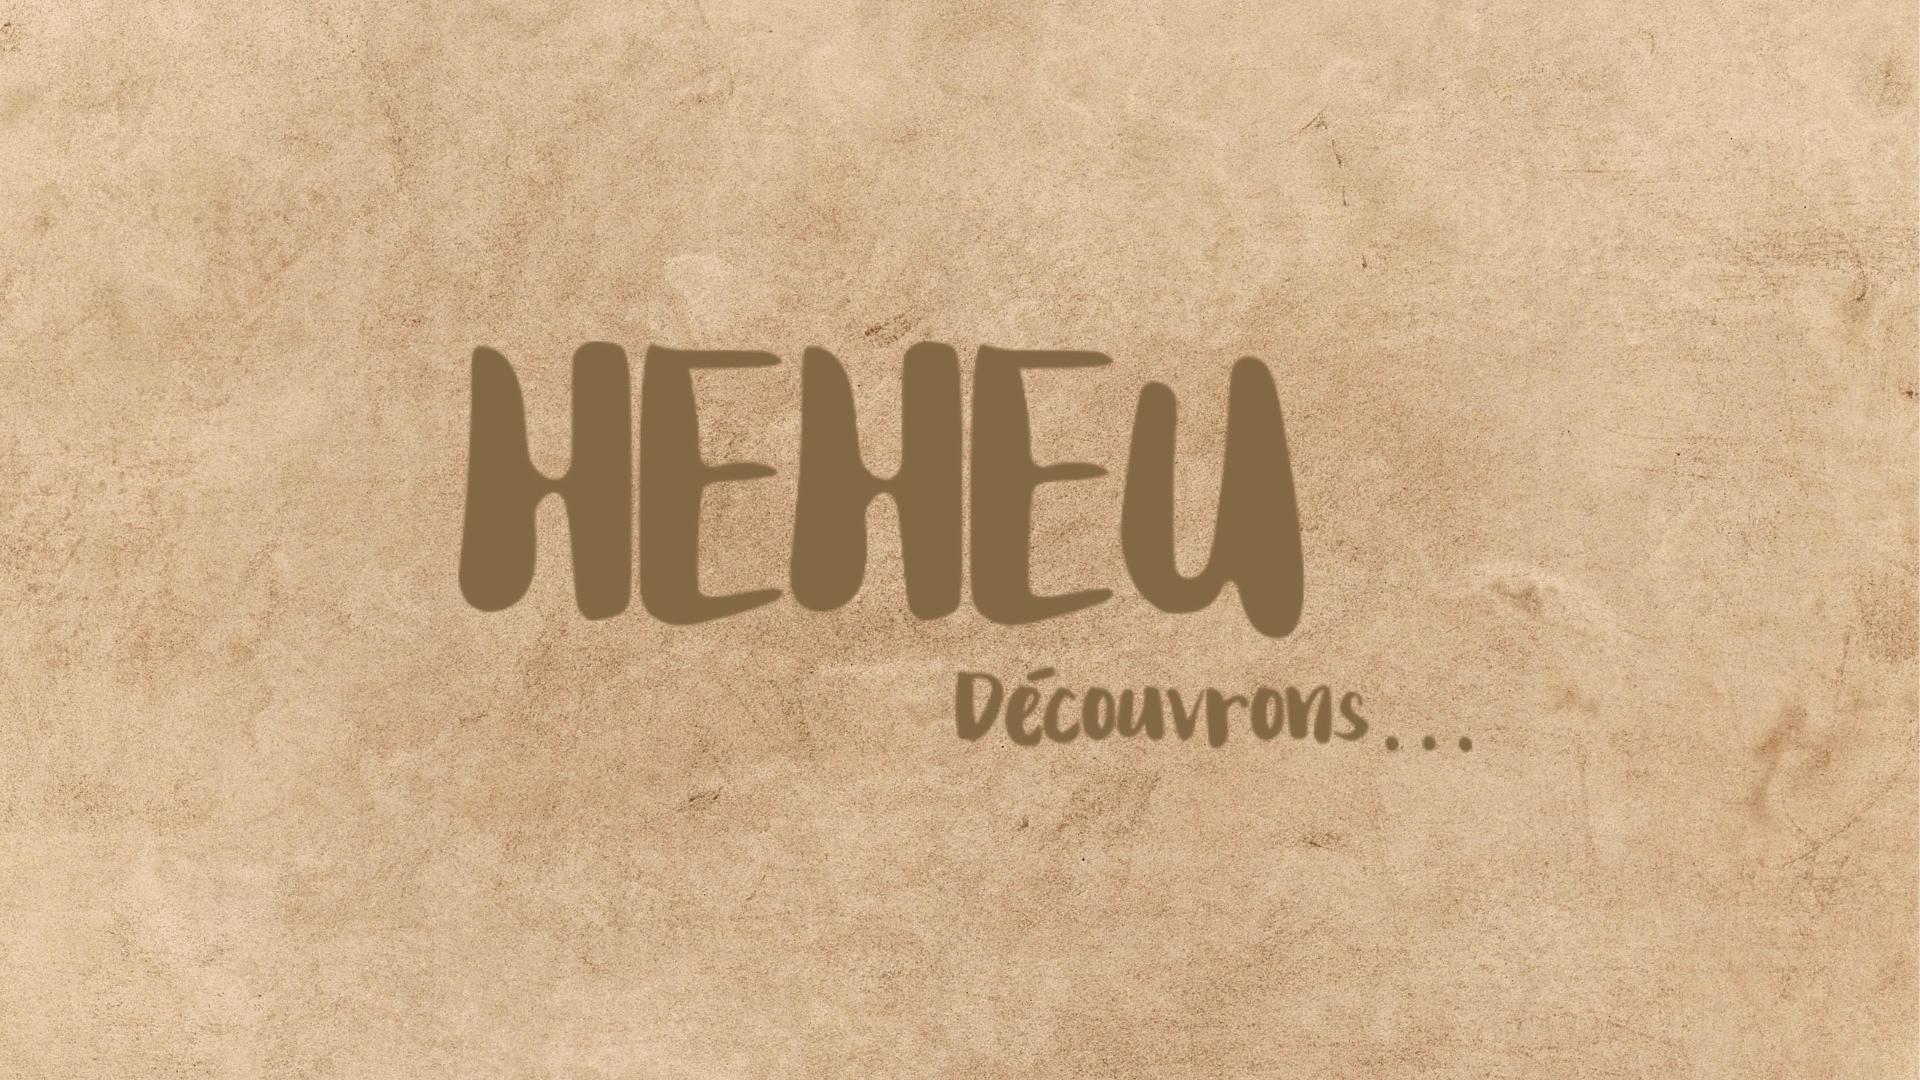 Heheu - Rapa